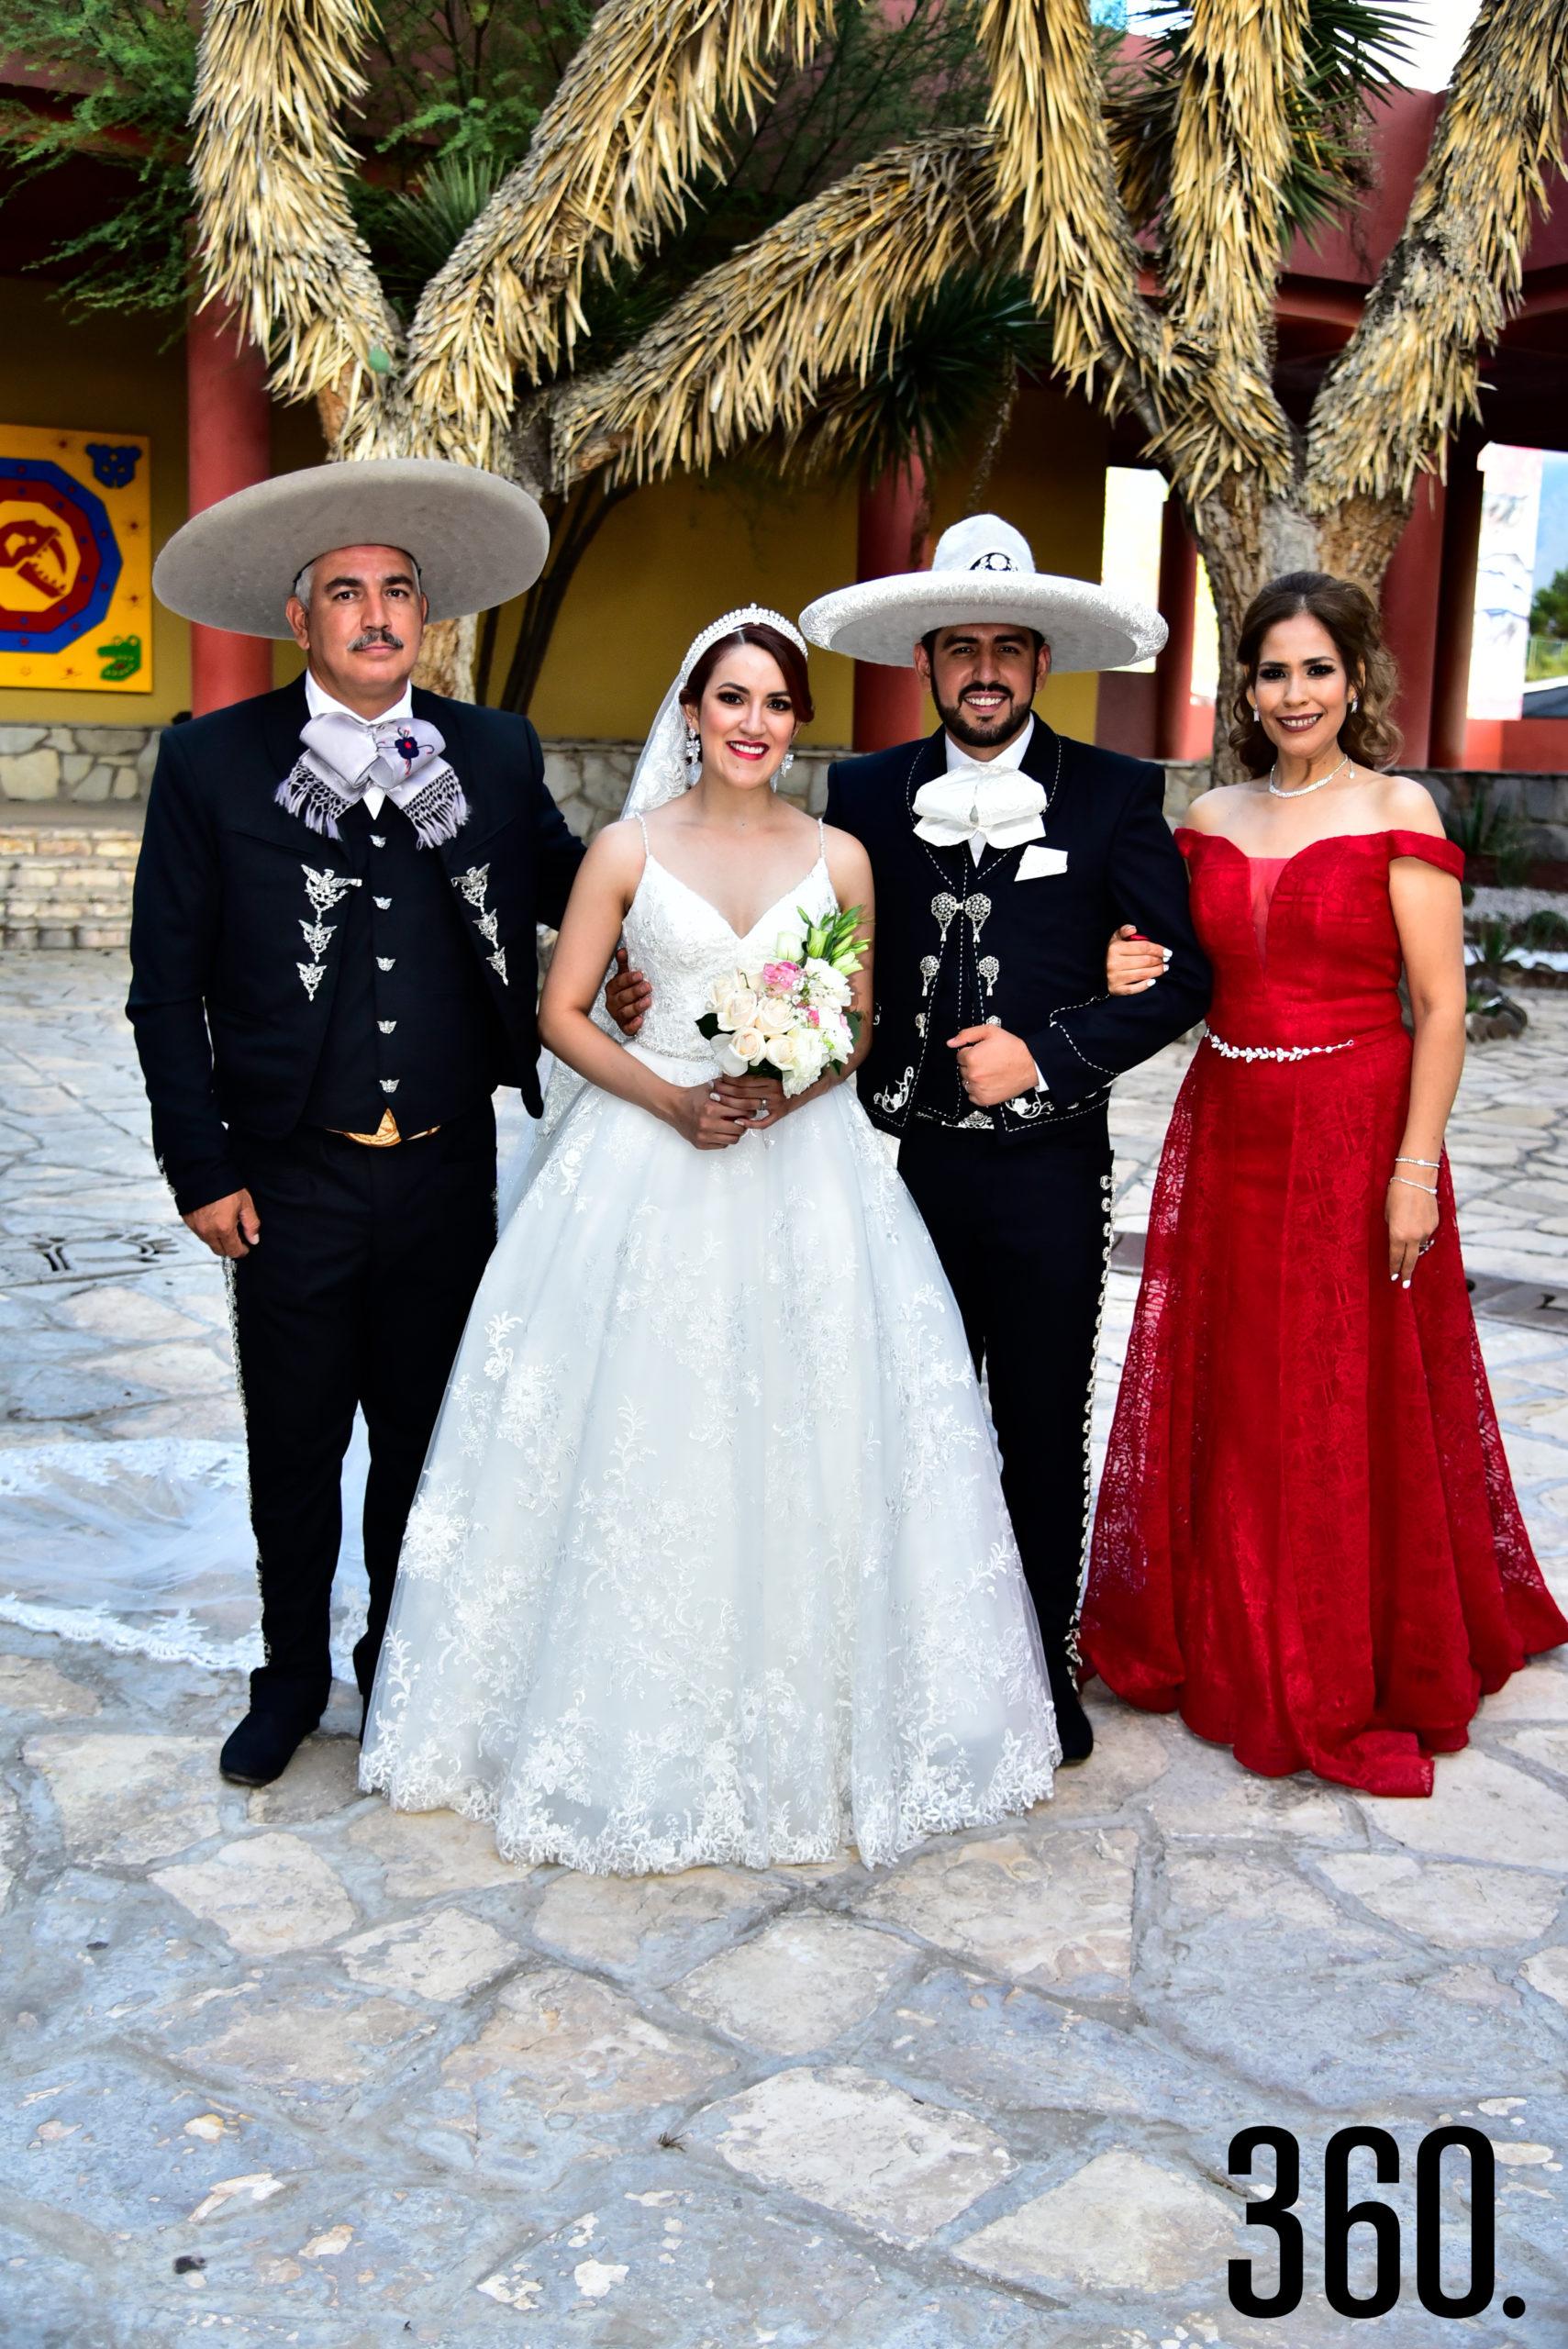 Valeria Flores Rodríguez y Rudiger Gabriel Ríos Valles con sus papás María de Jesús Valles y Gabriel Ríos.